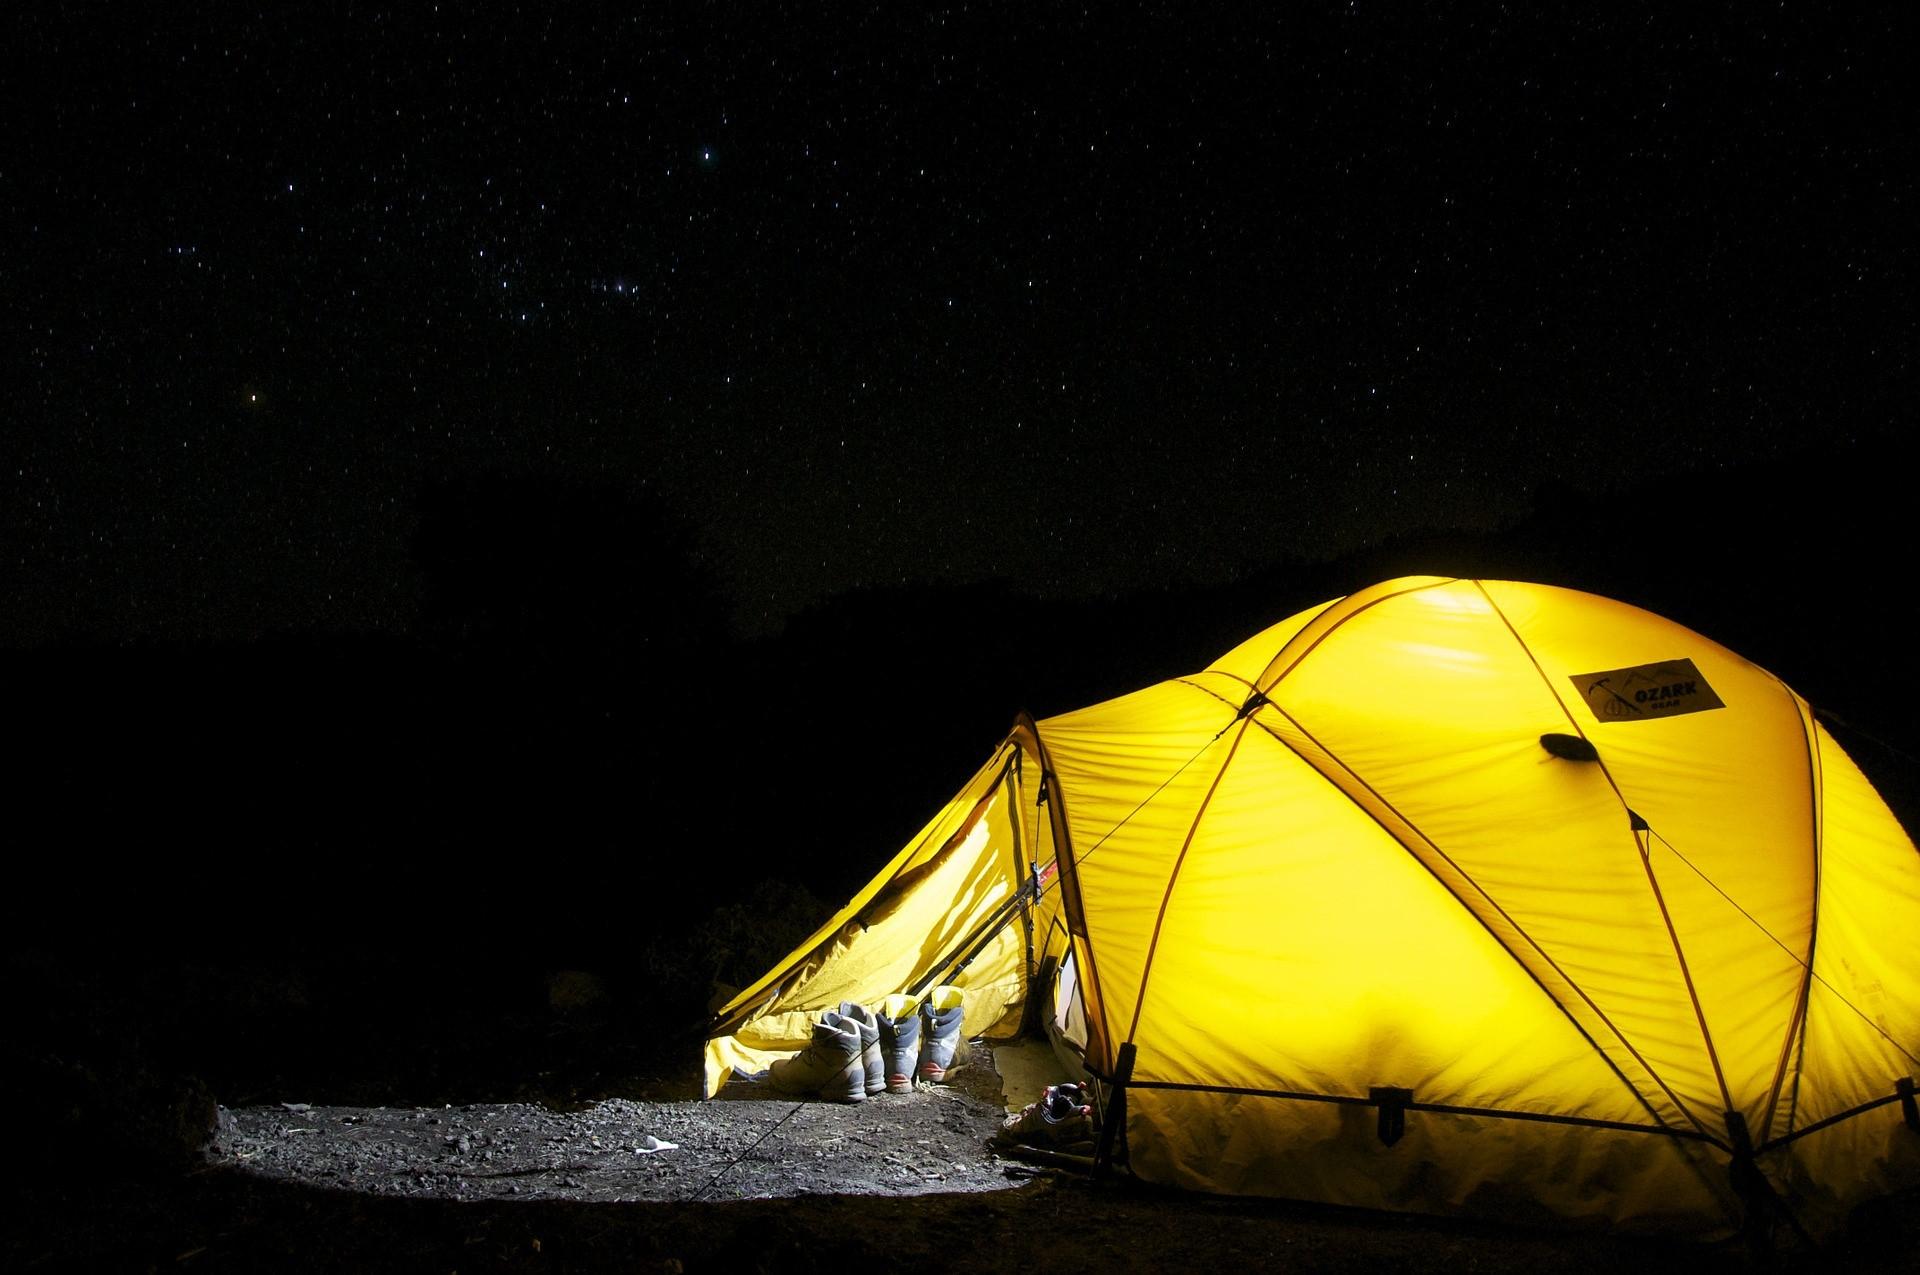 Ir de camping en el jardín es una muy buena idea también